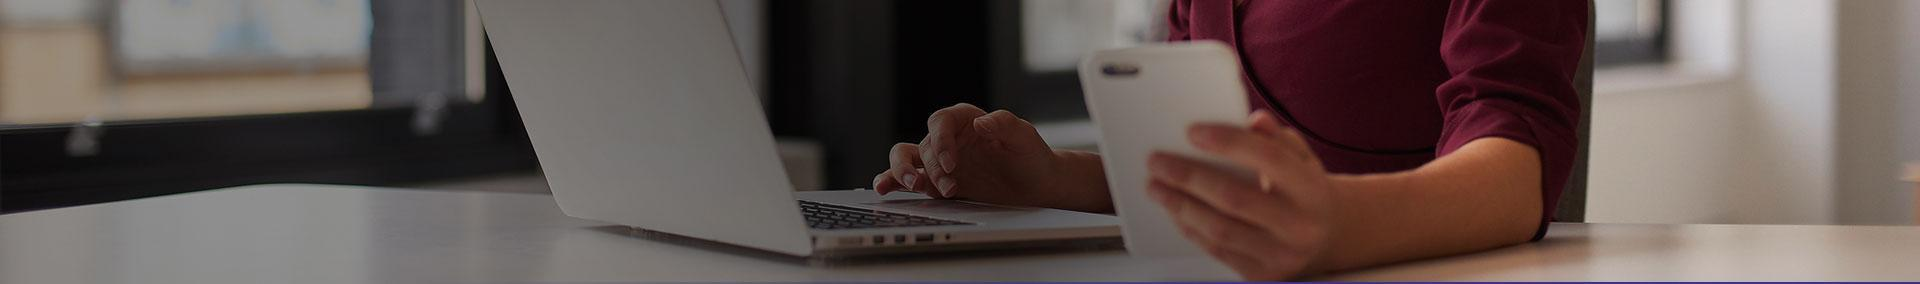 Smartphone w ręce i laptop